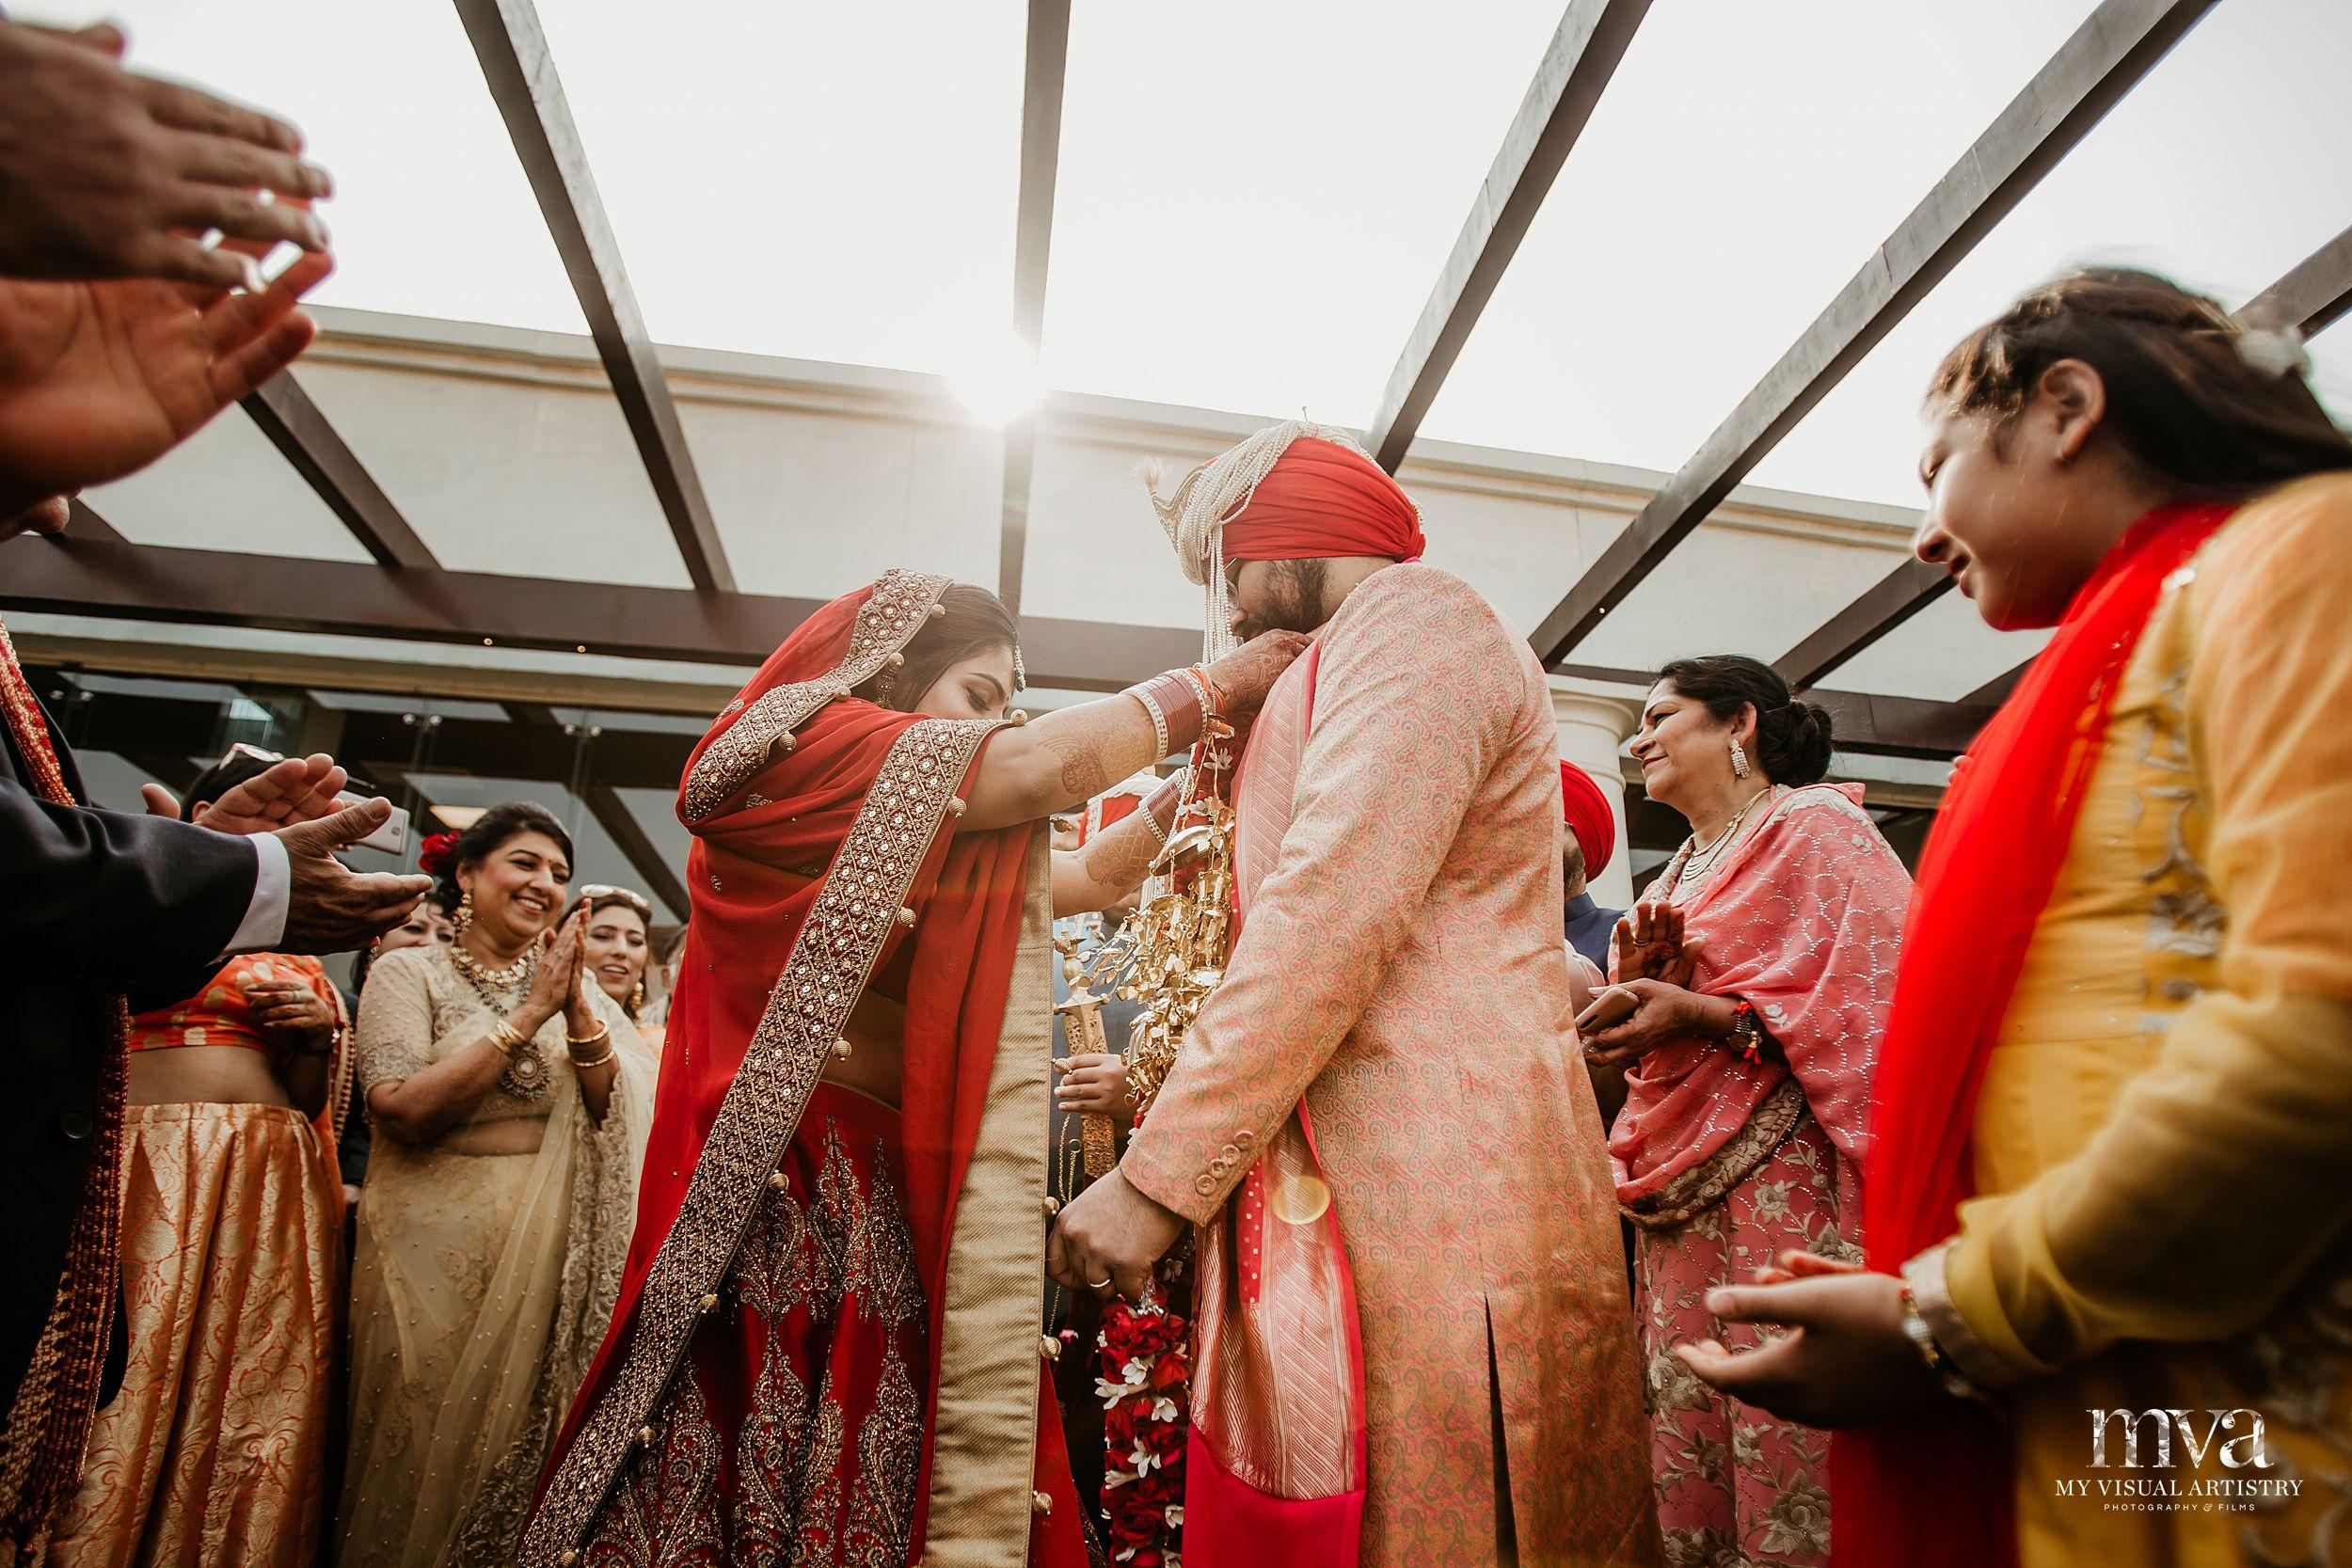 anant_arundhati_myvisualartistry_mva_wedding_sikh_ - 316.jpg